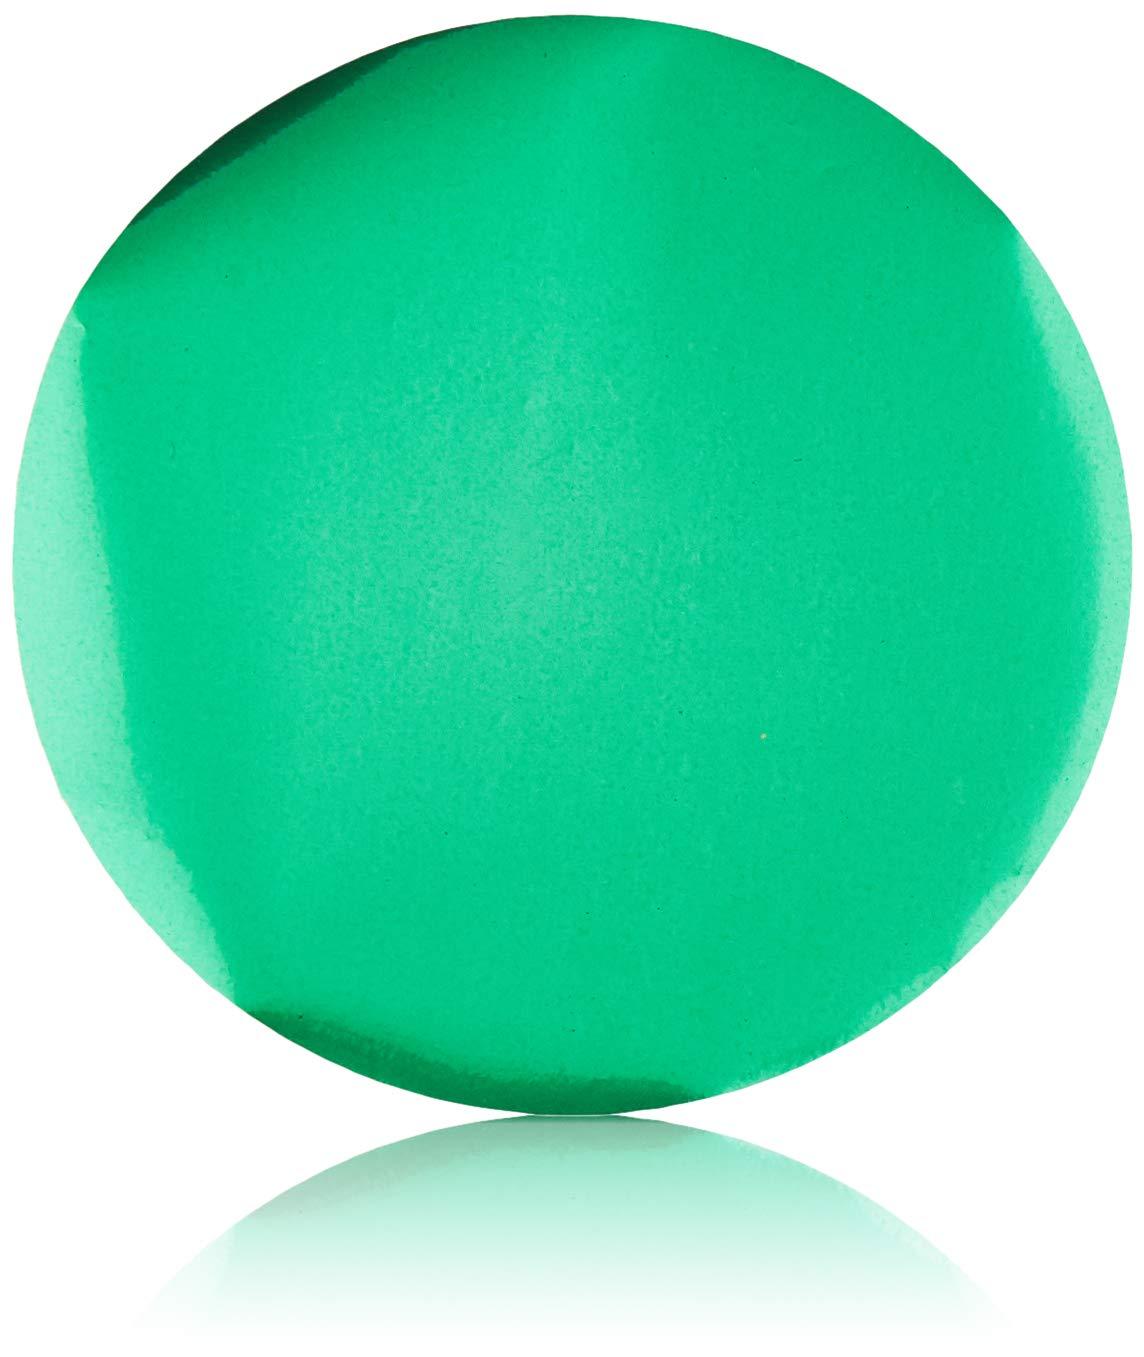 Mettoo Jade Body Foil Pro, 500 Count